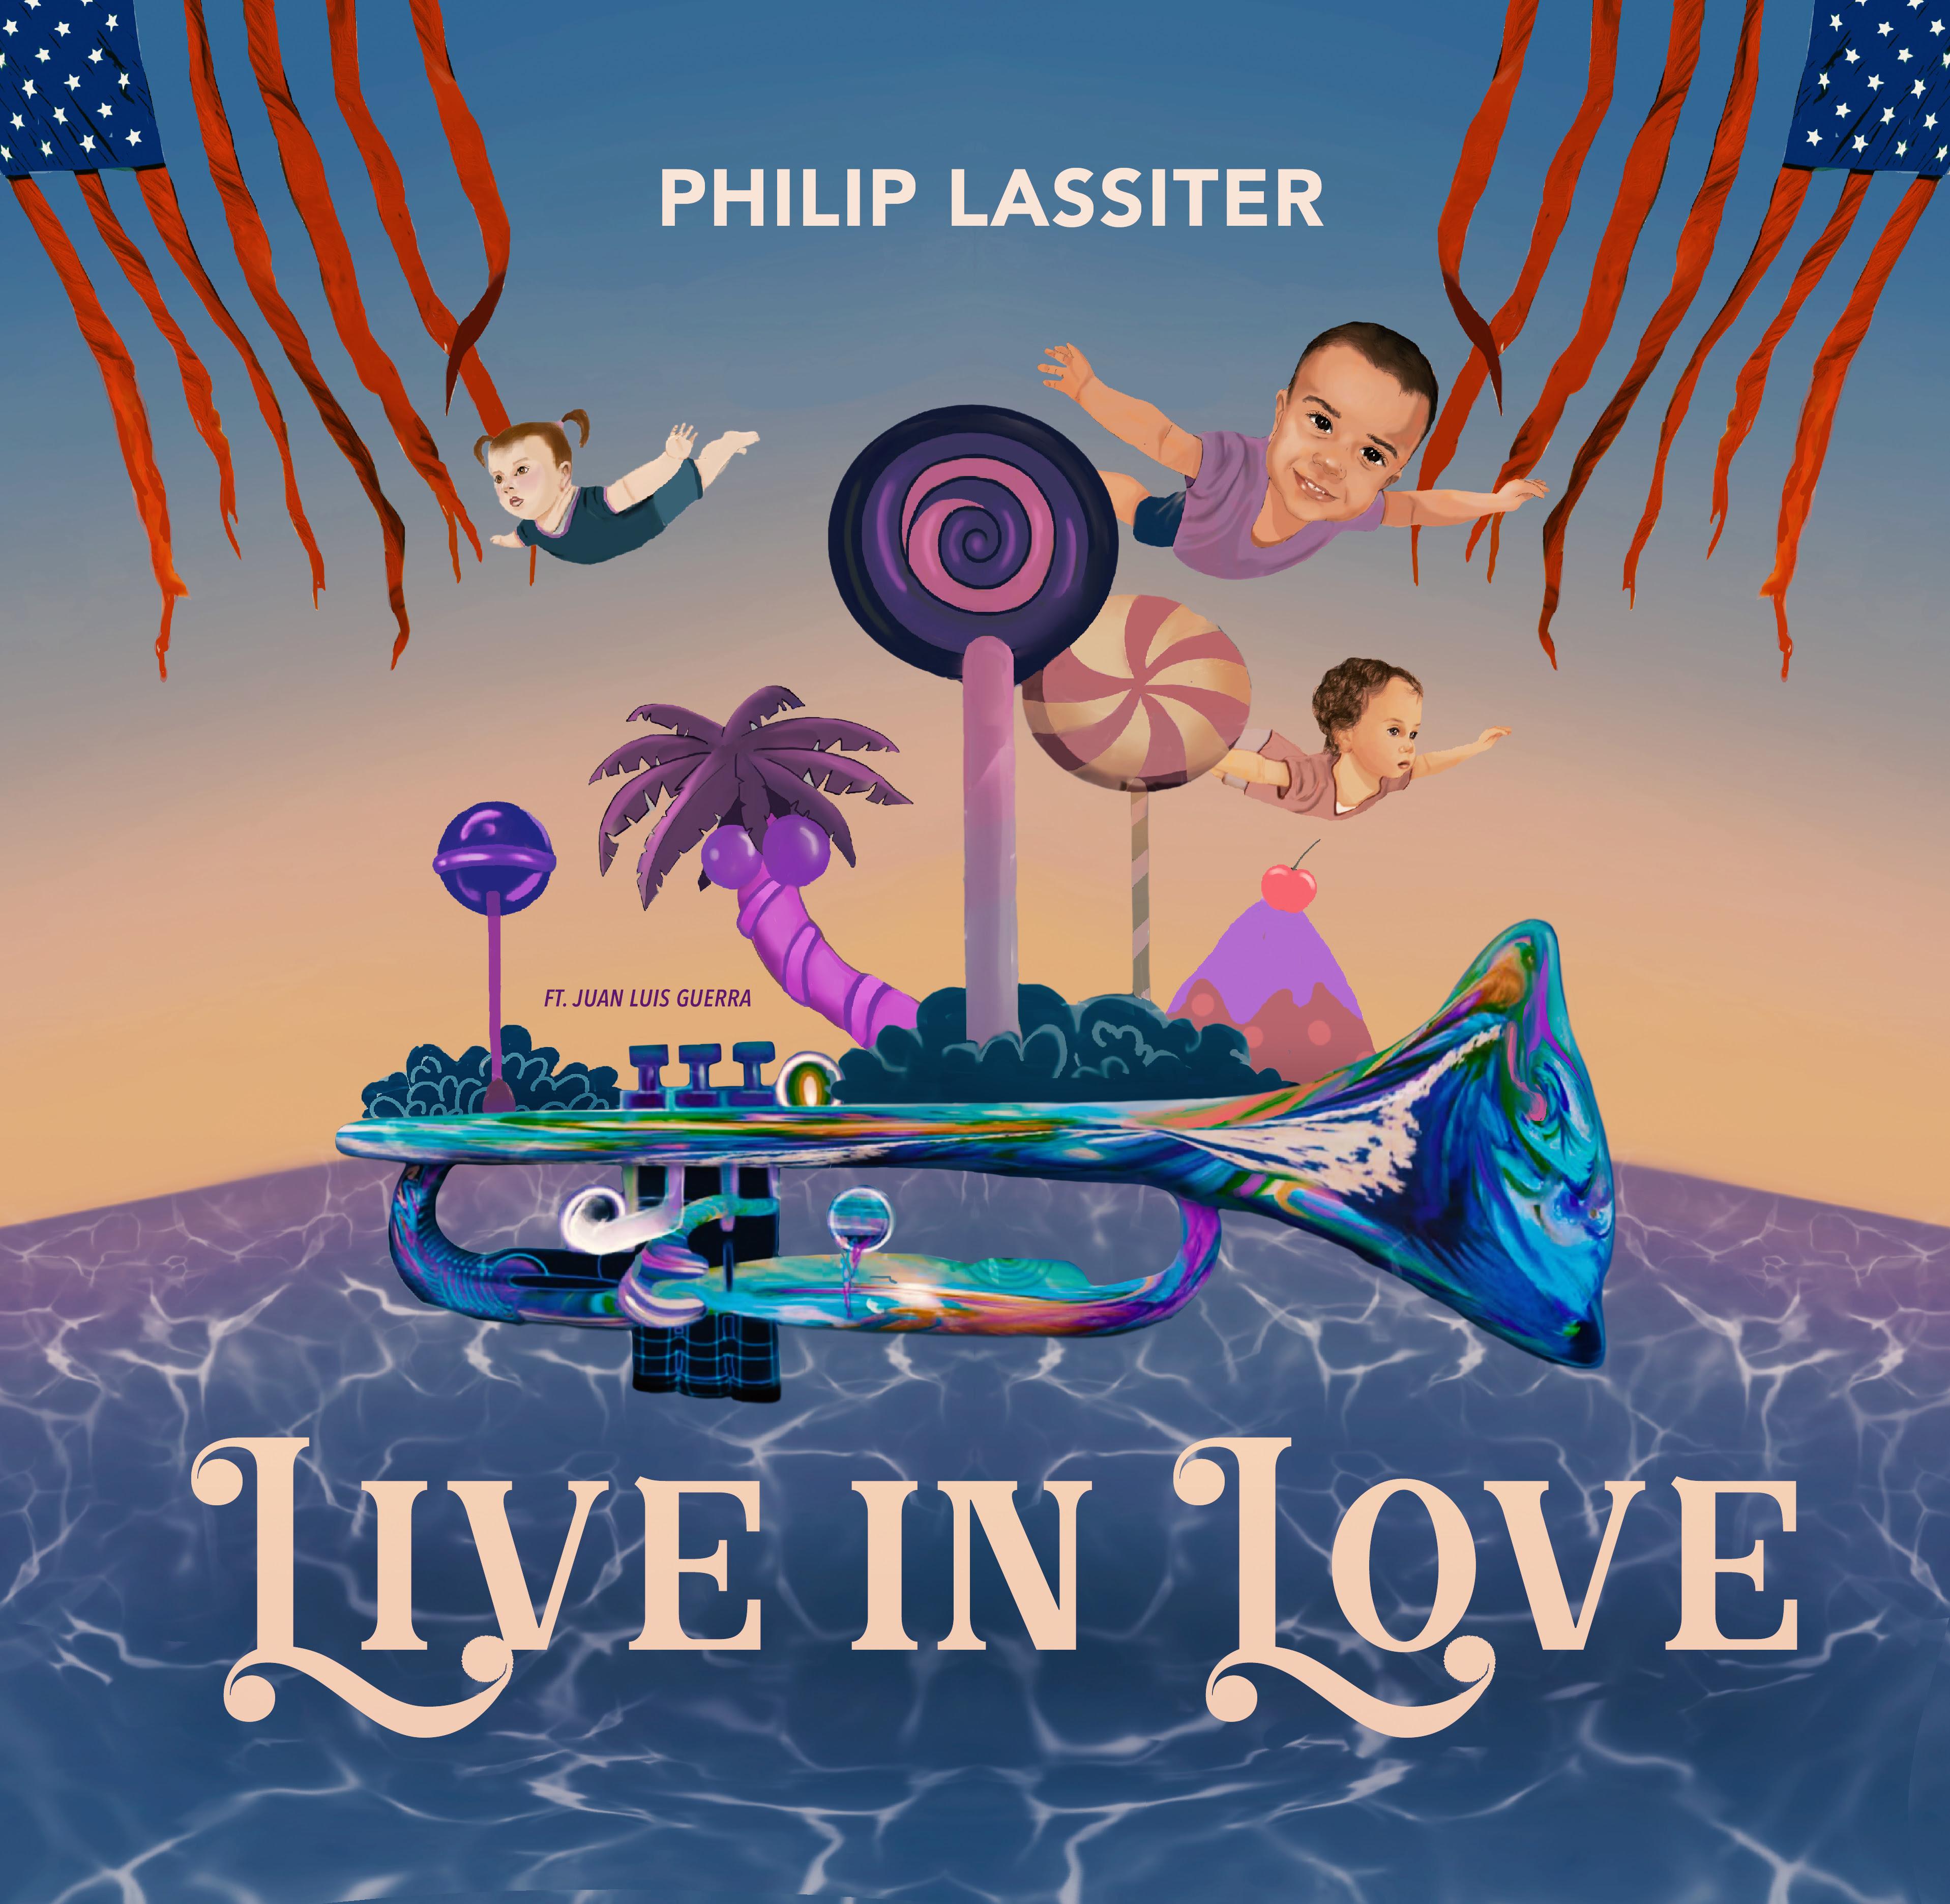 Philip Lassiter, Josje y Juan Luis Guerra se unen para presentarnos «LIVE IN LOVE»